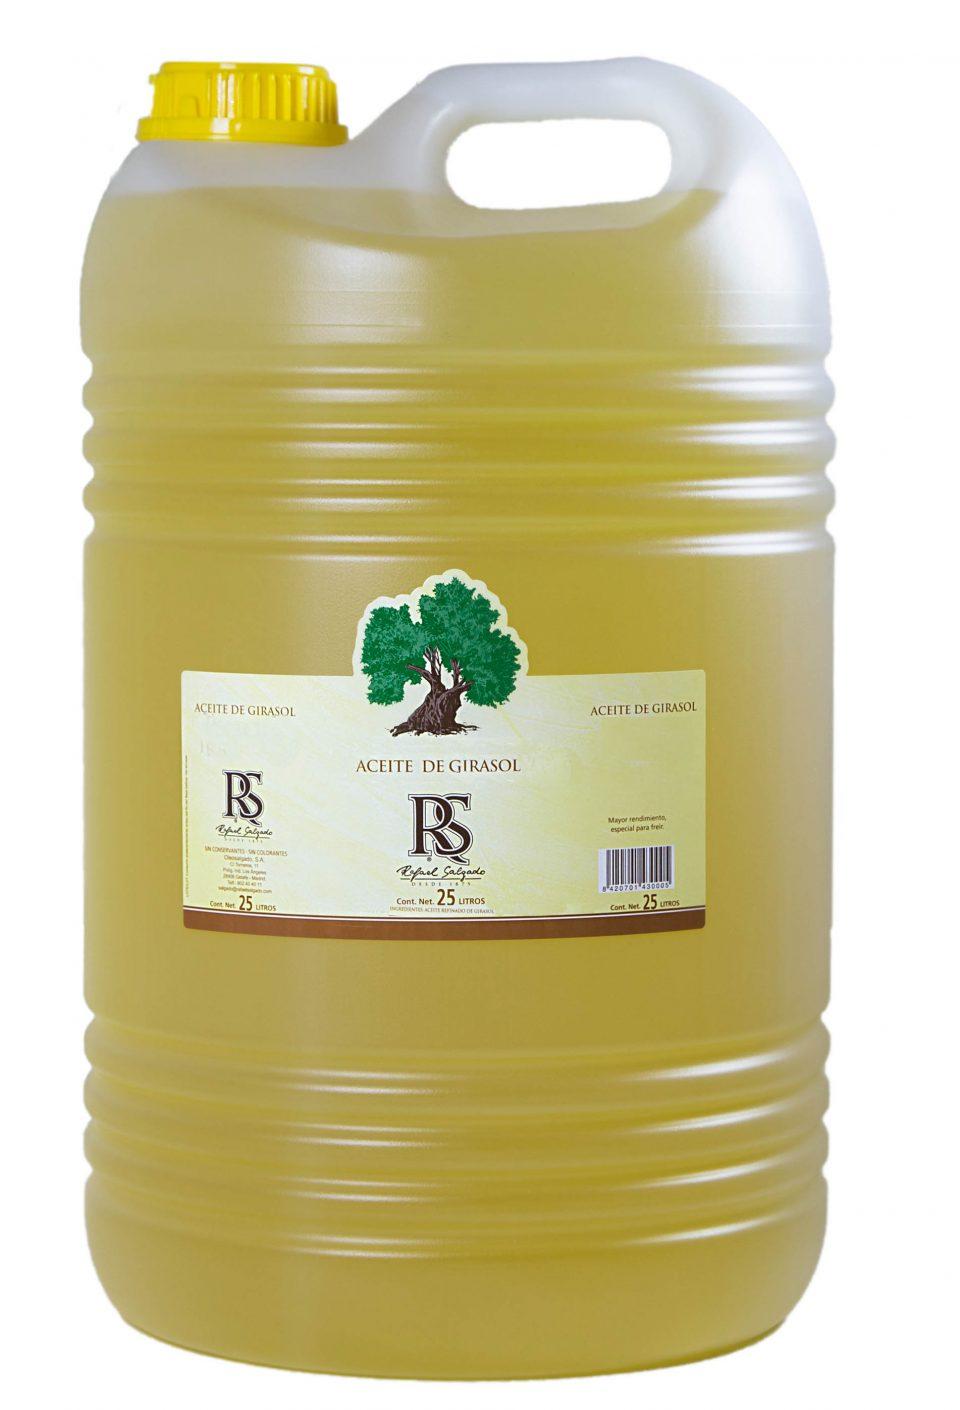 ACEITE DE GIRASOL 25 litros